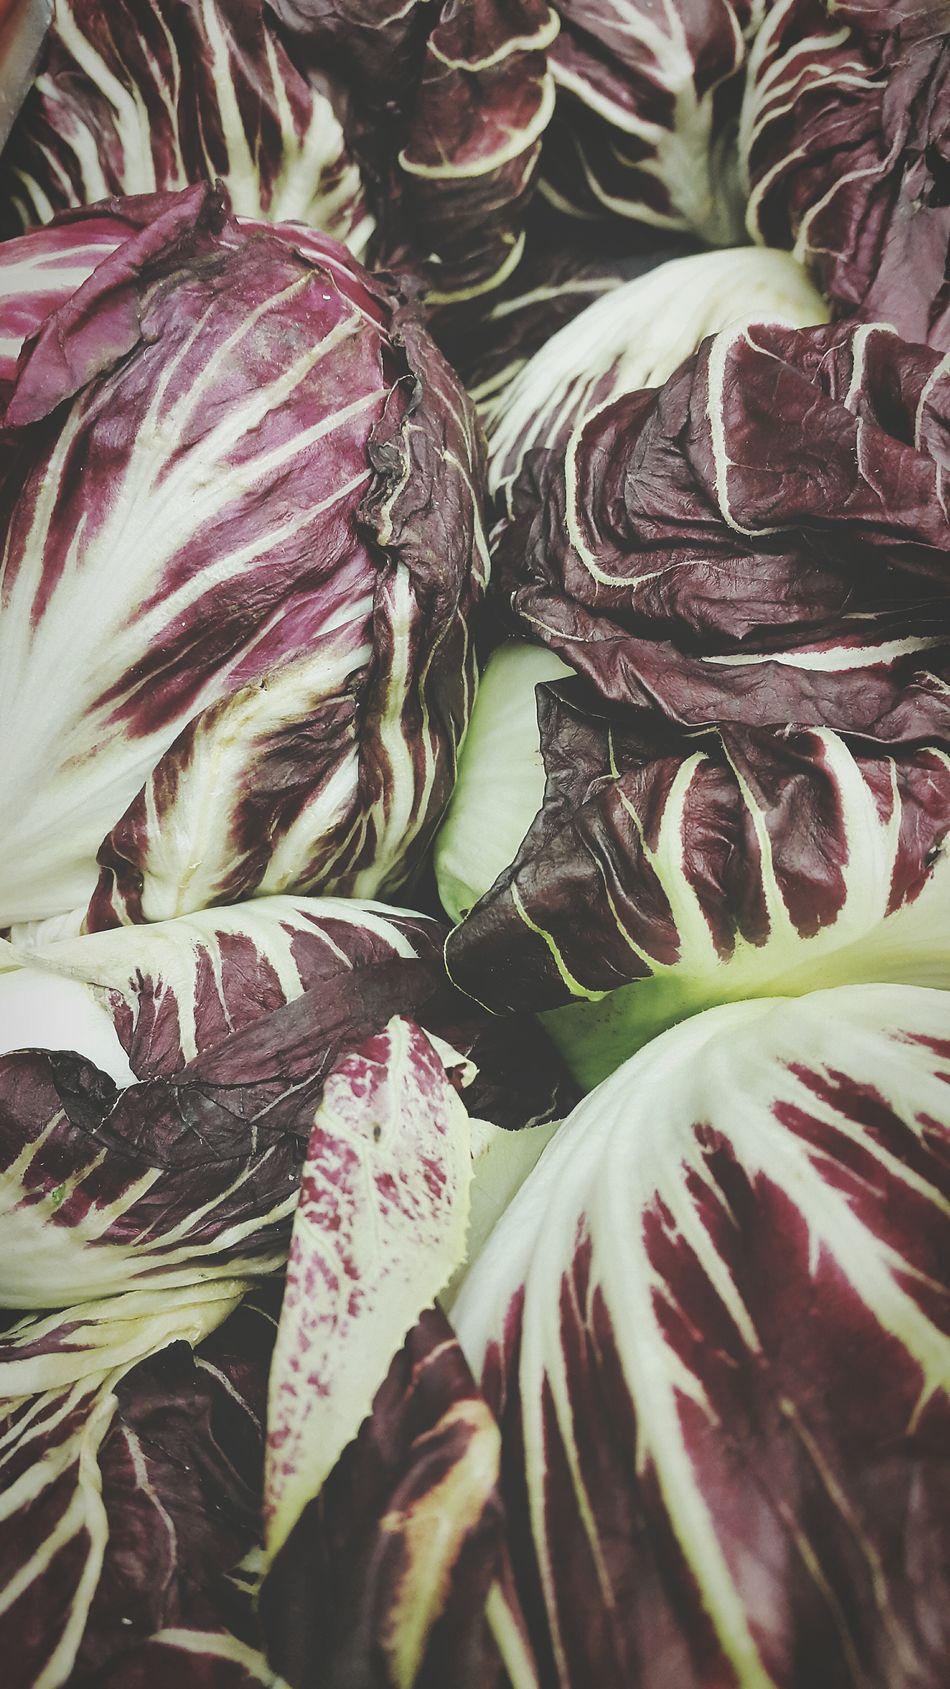 Brown Letuce Letuce Lechuga Lechugas Background Texture Nature Fresh Vegetables Backgrounds Vegetarian Food Vegetables Food Many Of A Kind Freshness